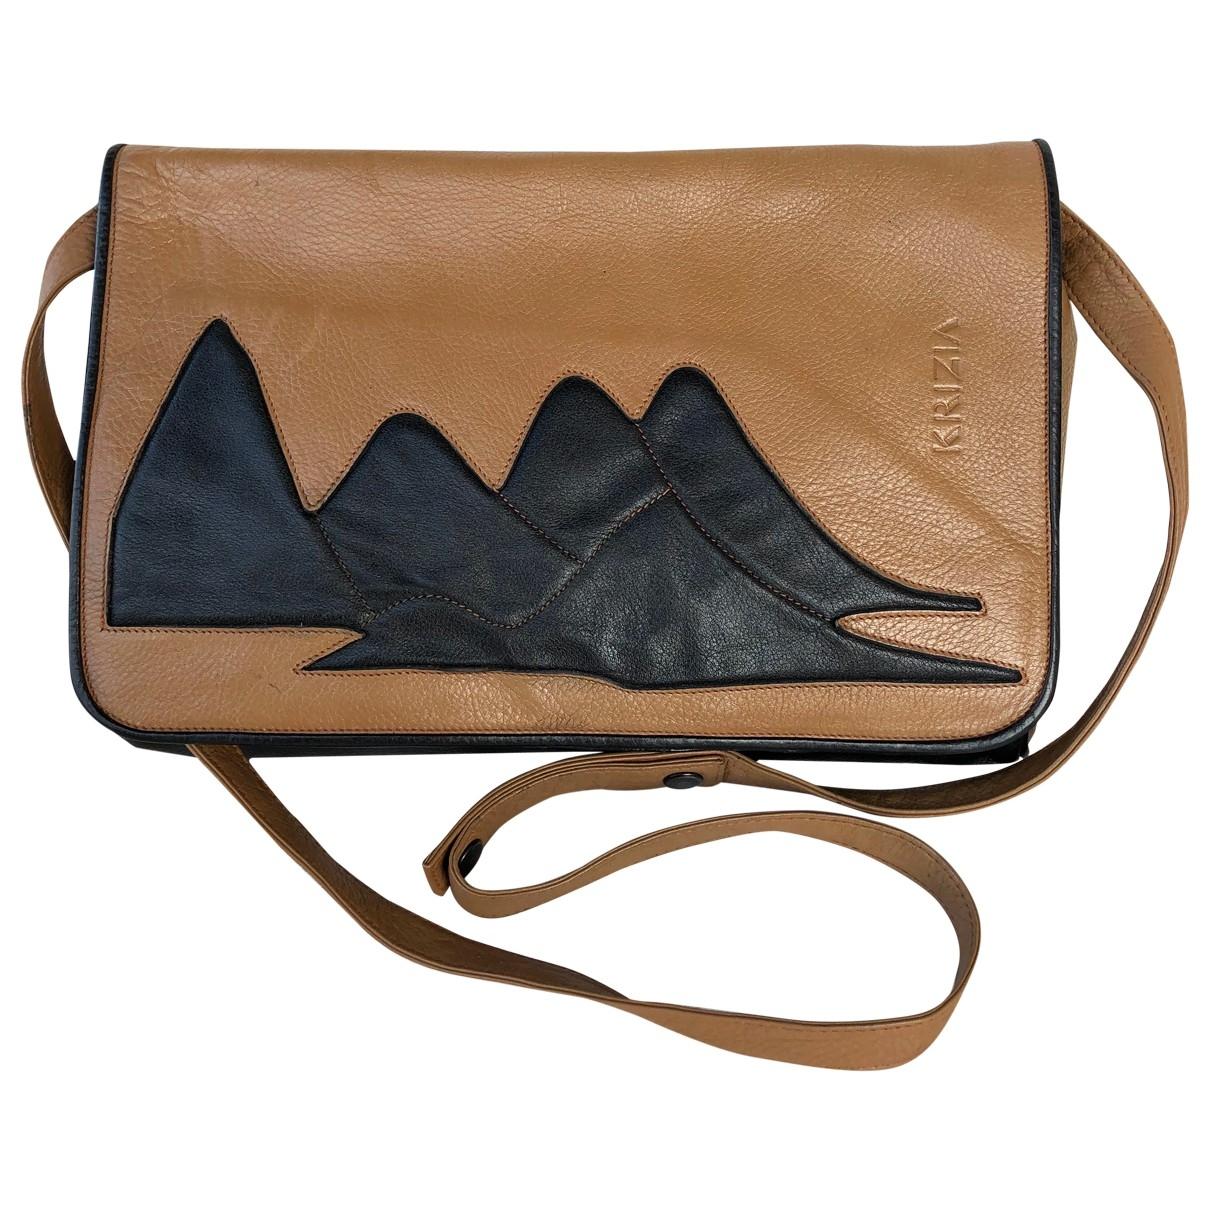 Krizia \N Handtasche in  Kamel Leder